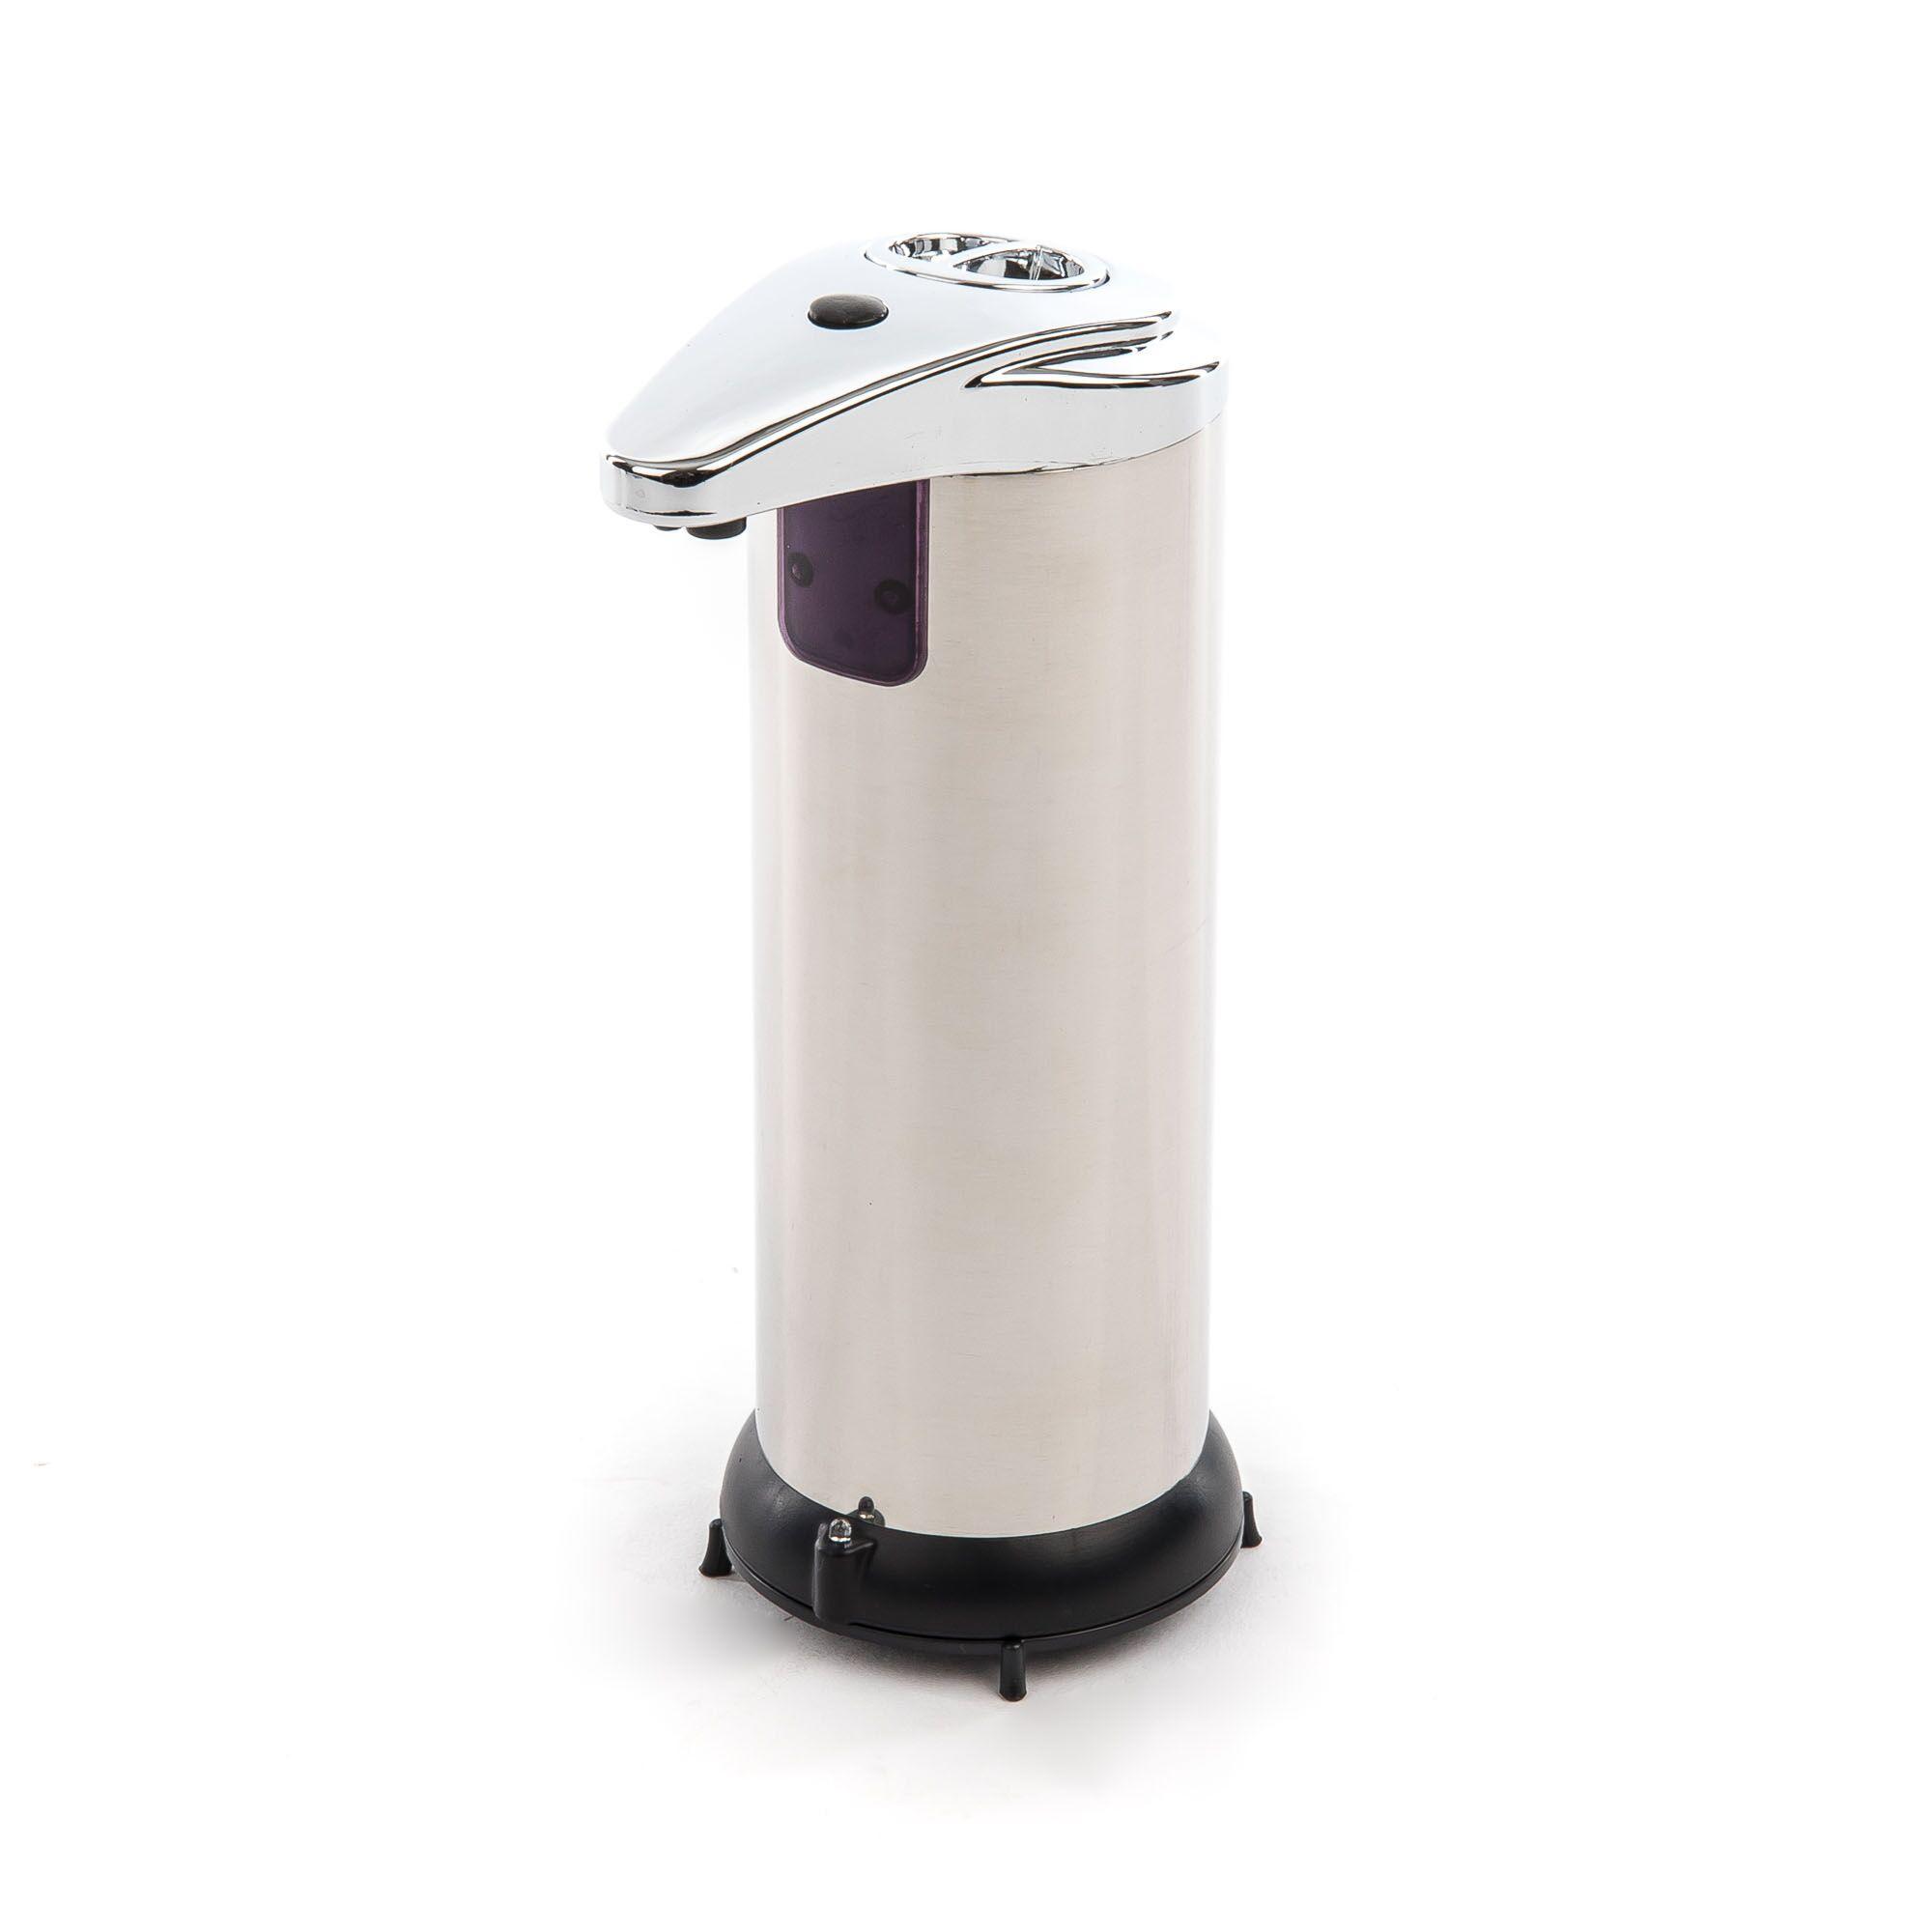 600ml Automatischer Seifenspender Seifendosierer Infrarot Sensor Flüssigseifen